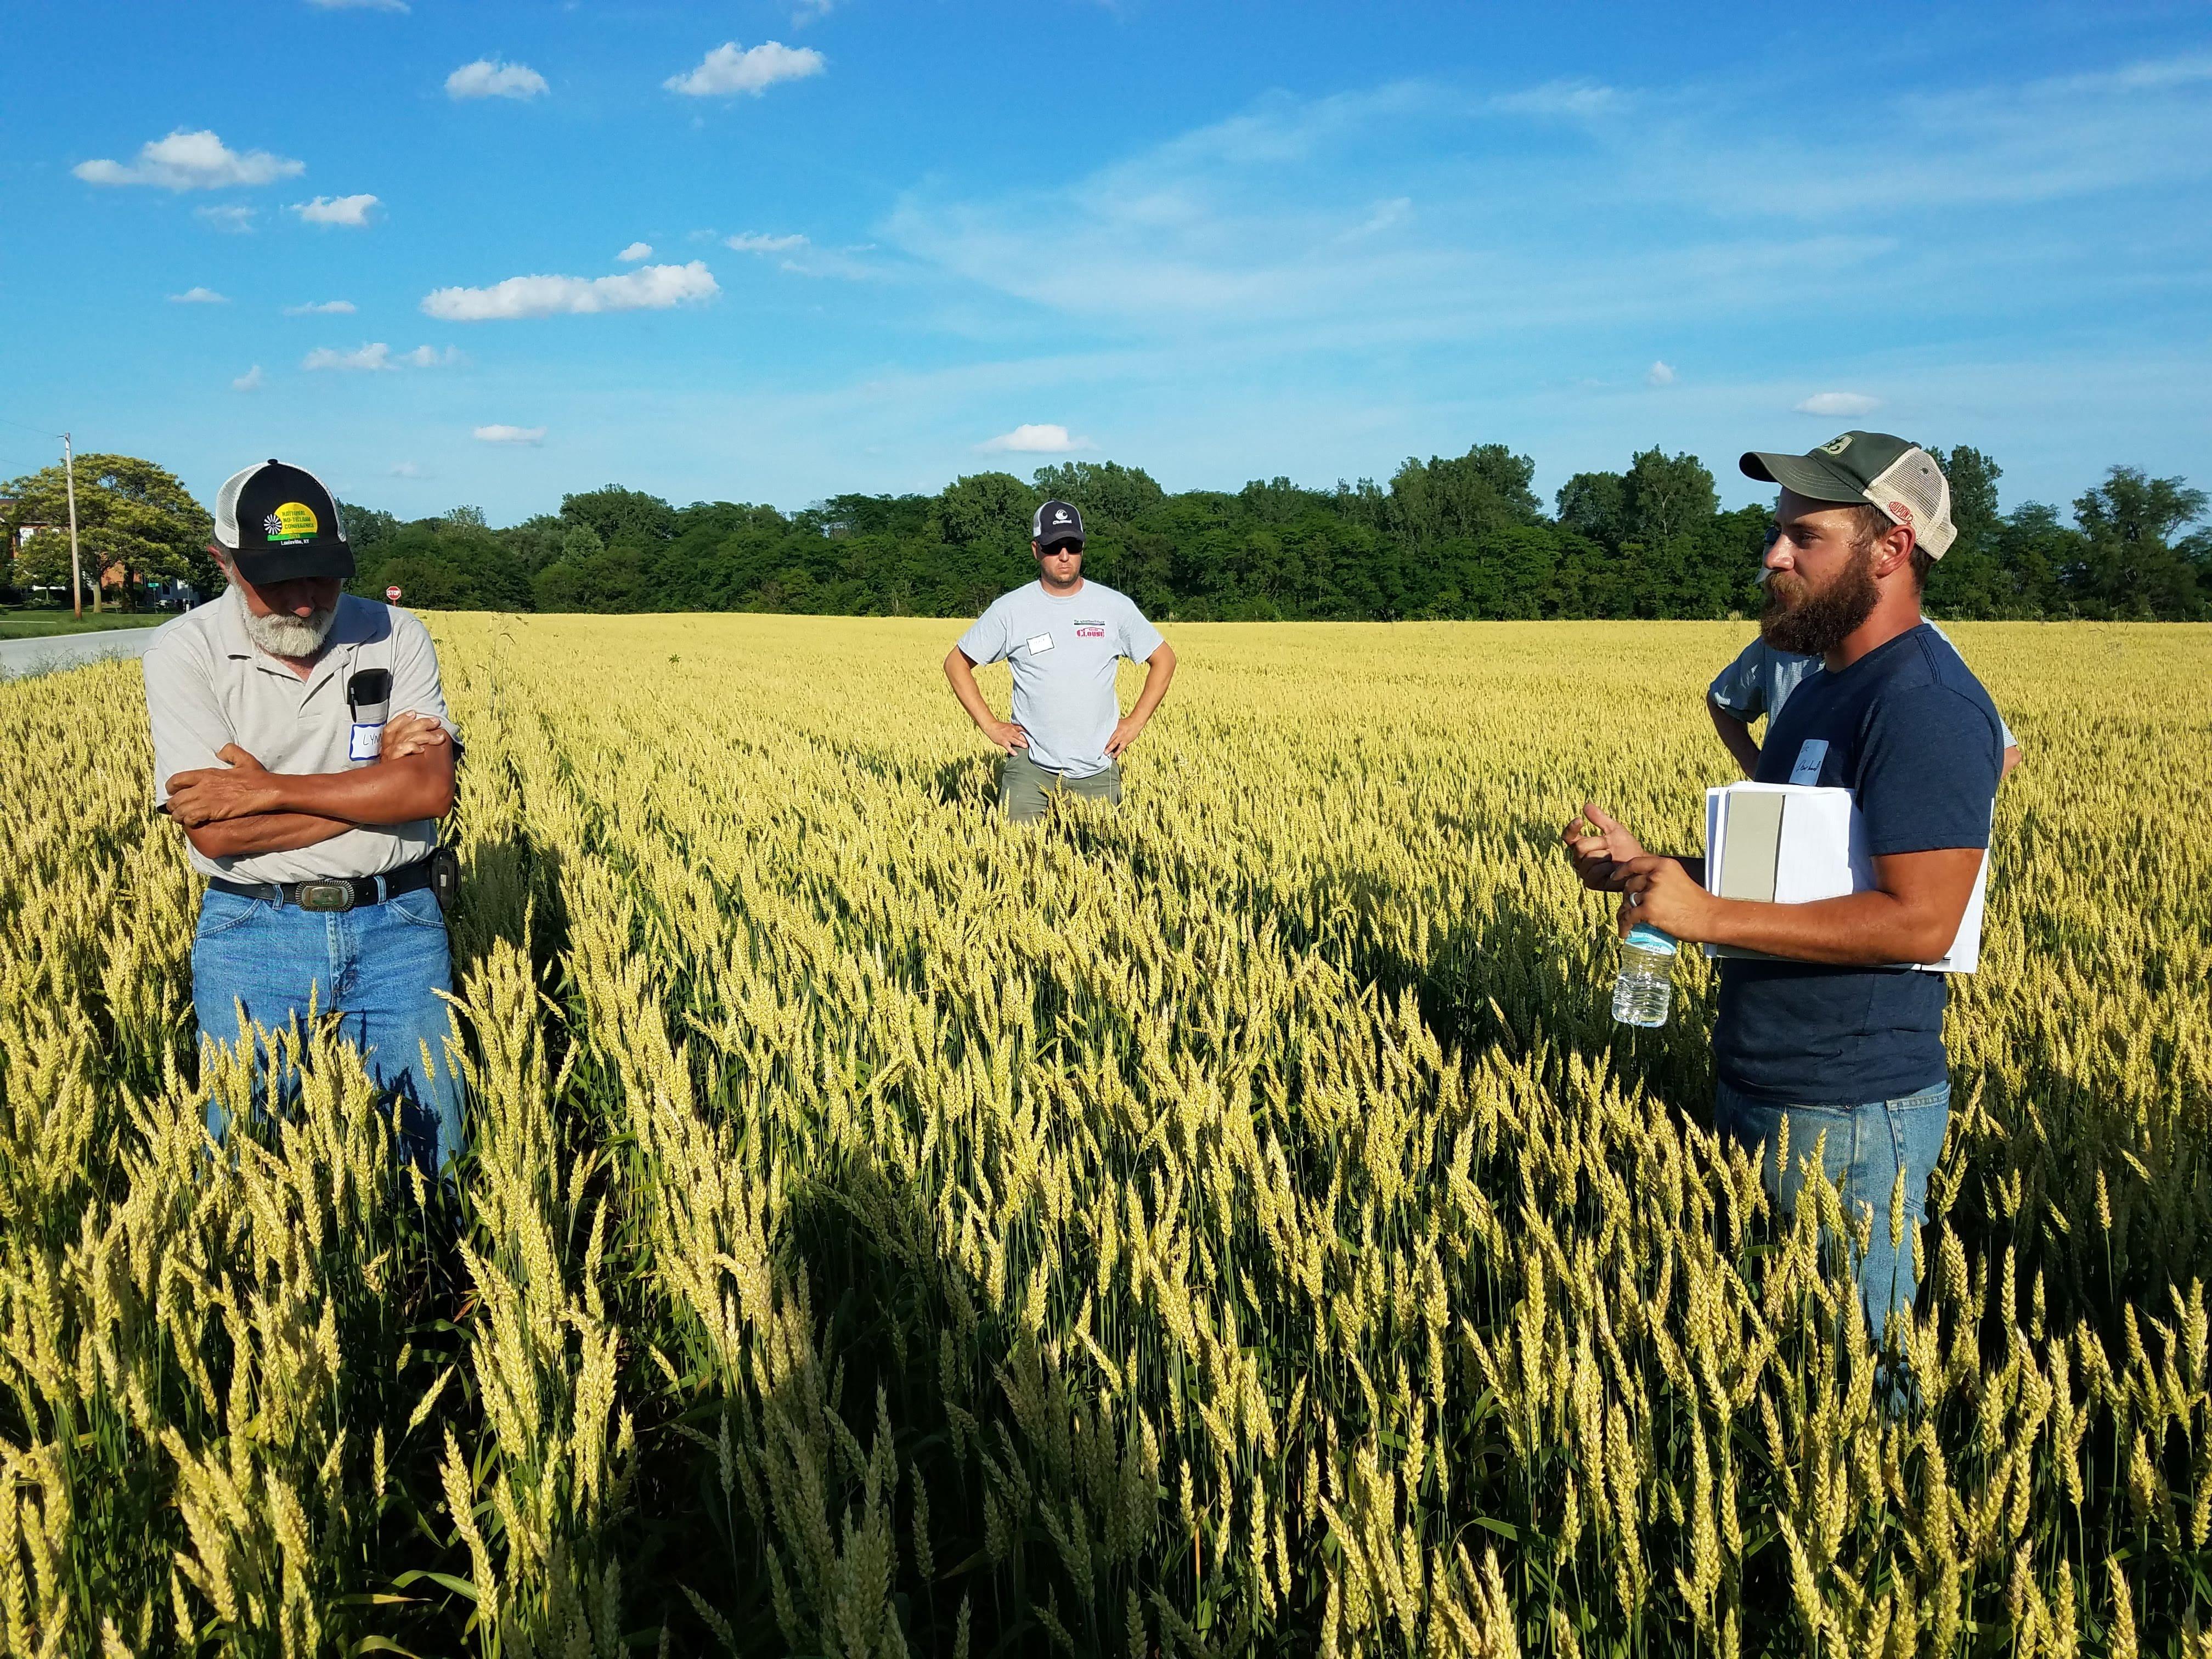 Buğday tarlası.